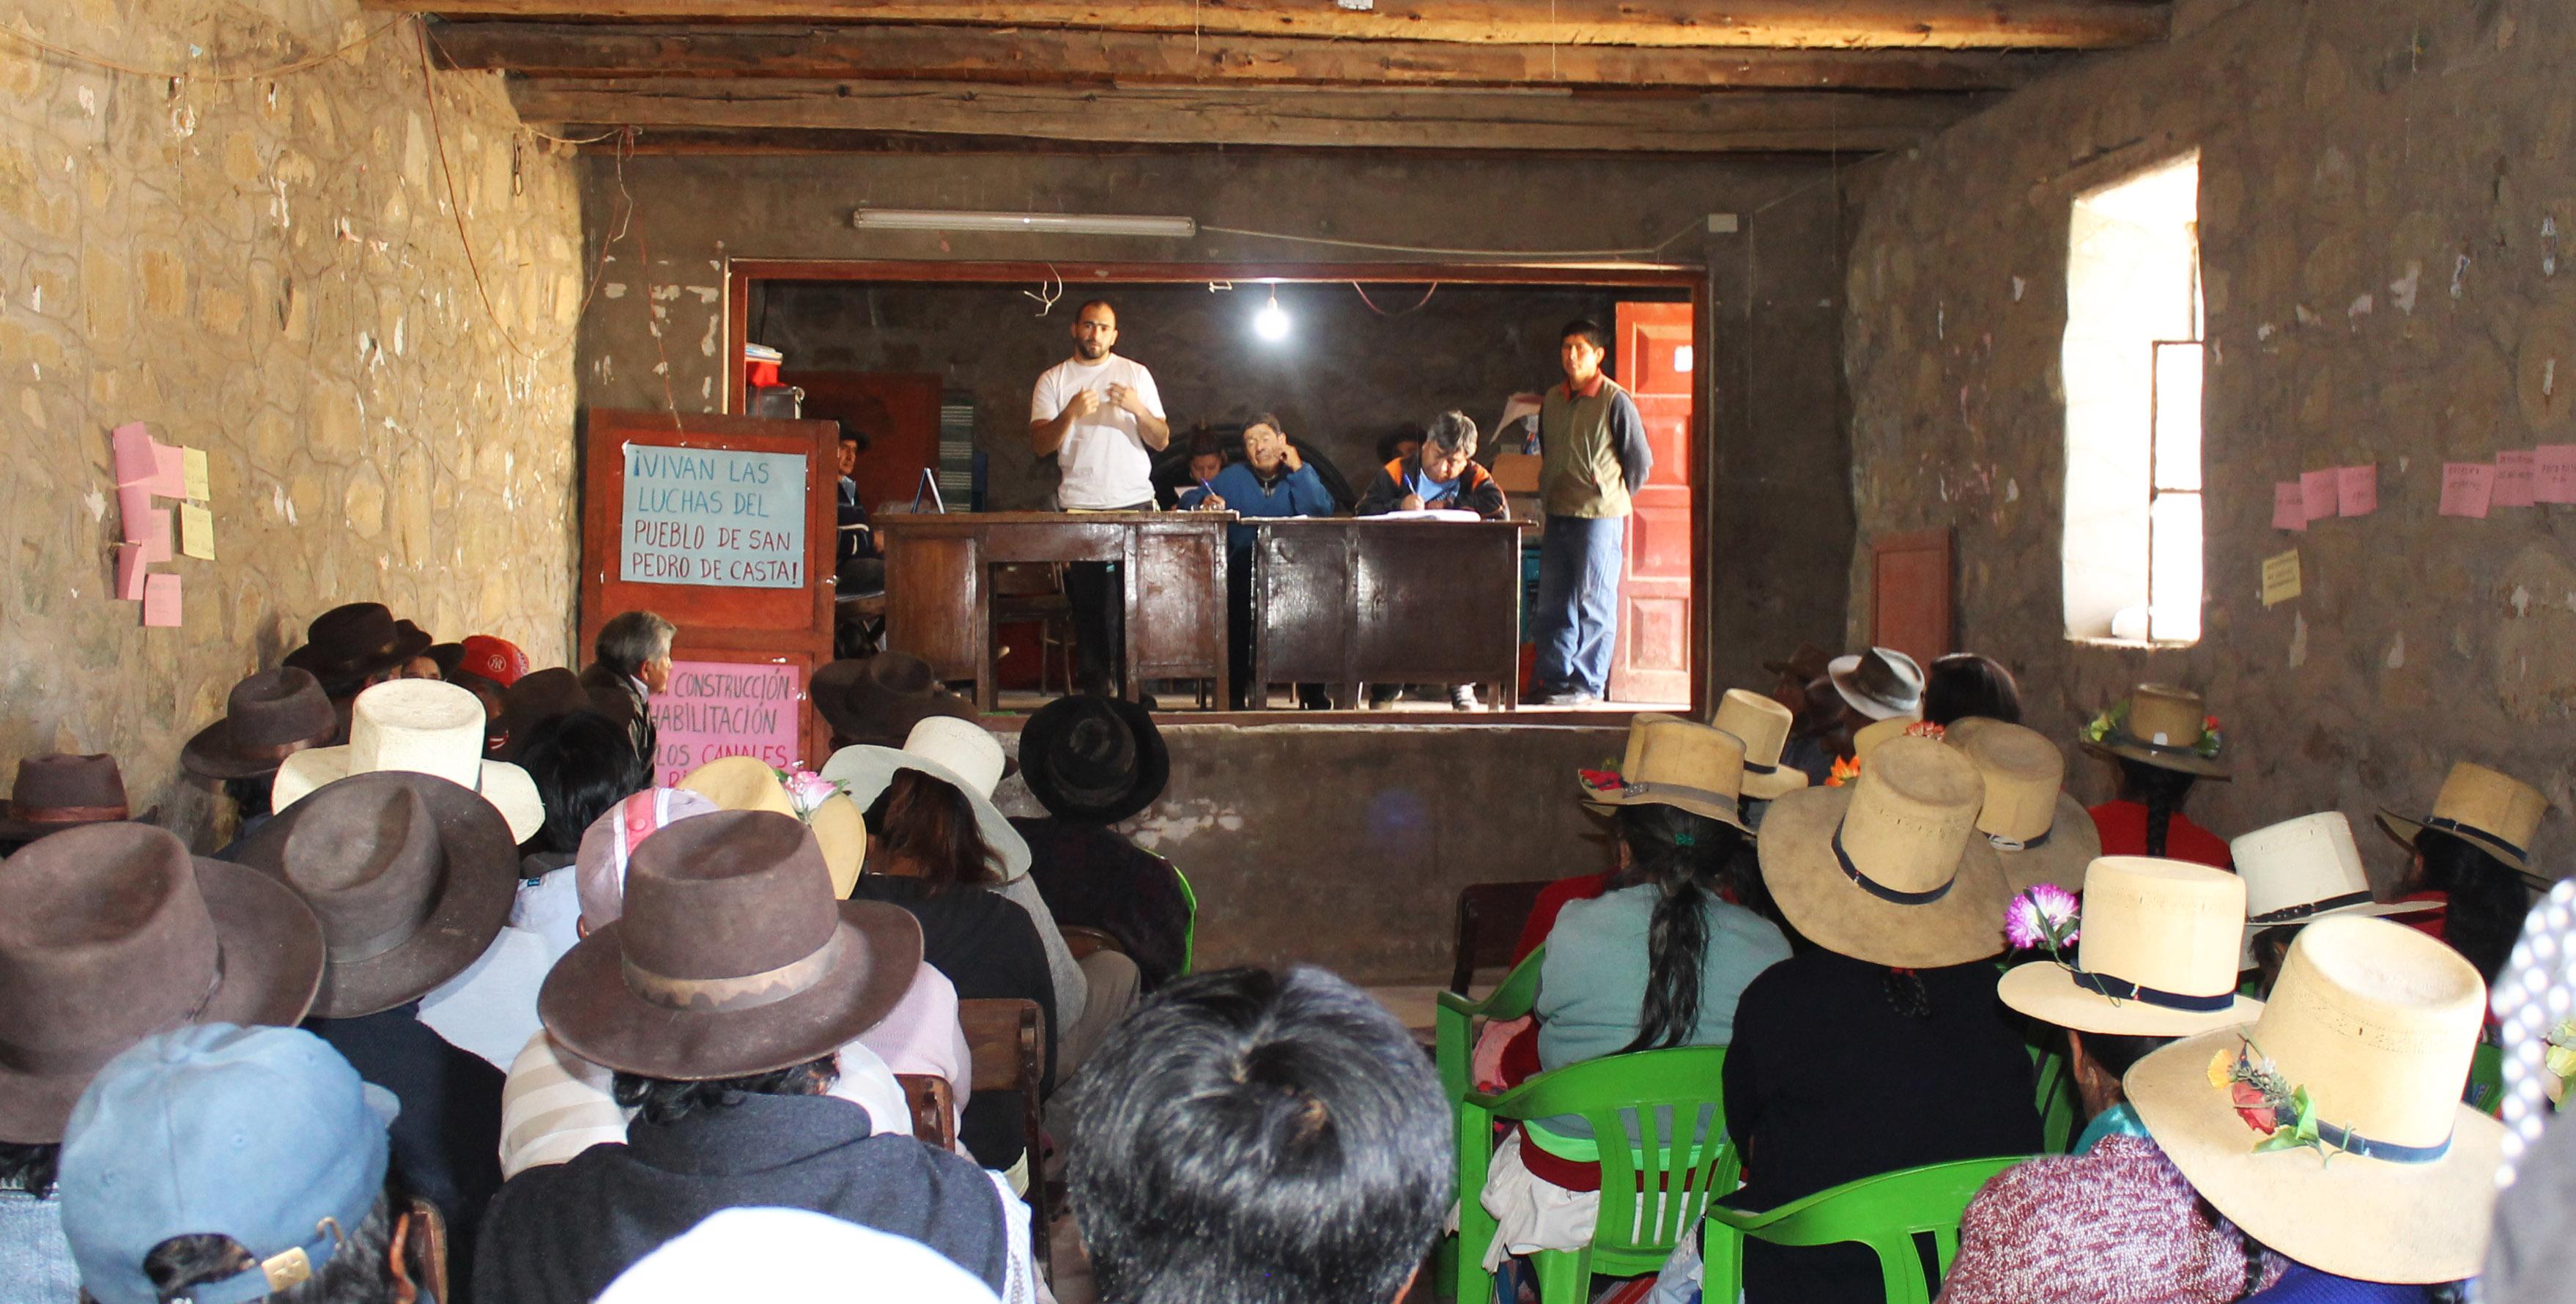 Comunidad de San Pedro de Casta comprometida con el aprovechamiento sostenible del agua